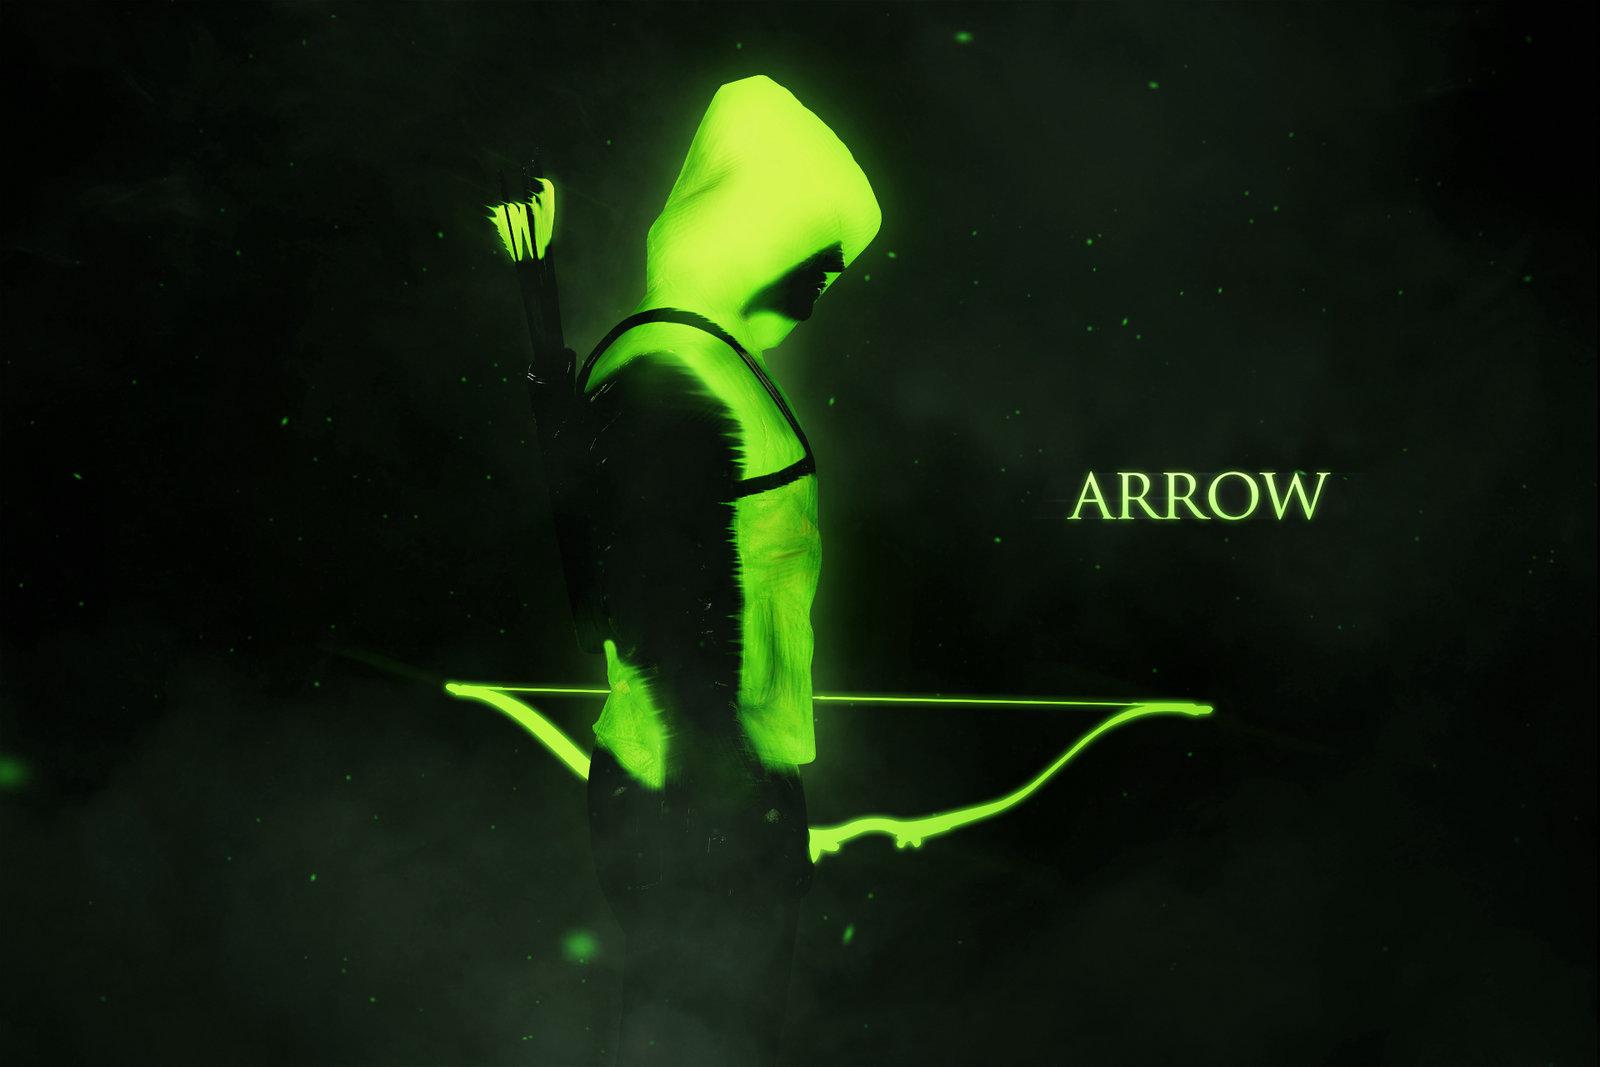 arrow wallpaper cw green green arrow wal Green Arrow Cw Wallpaper 1600x1067